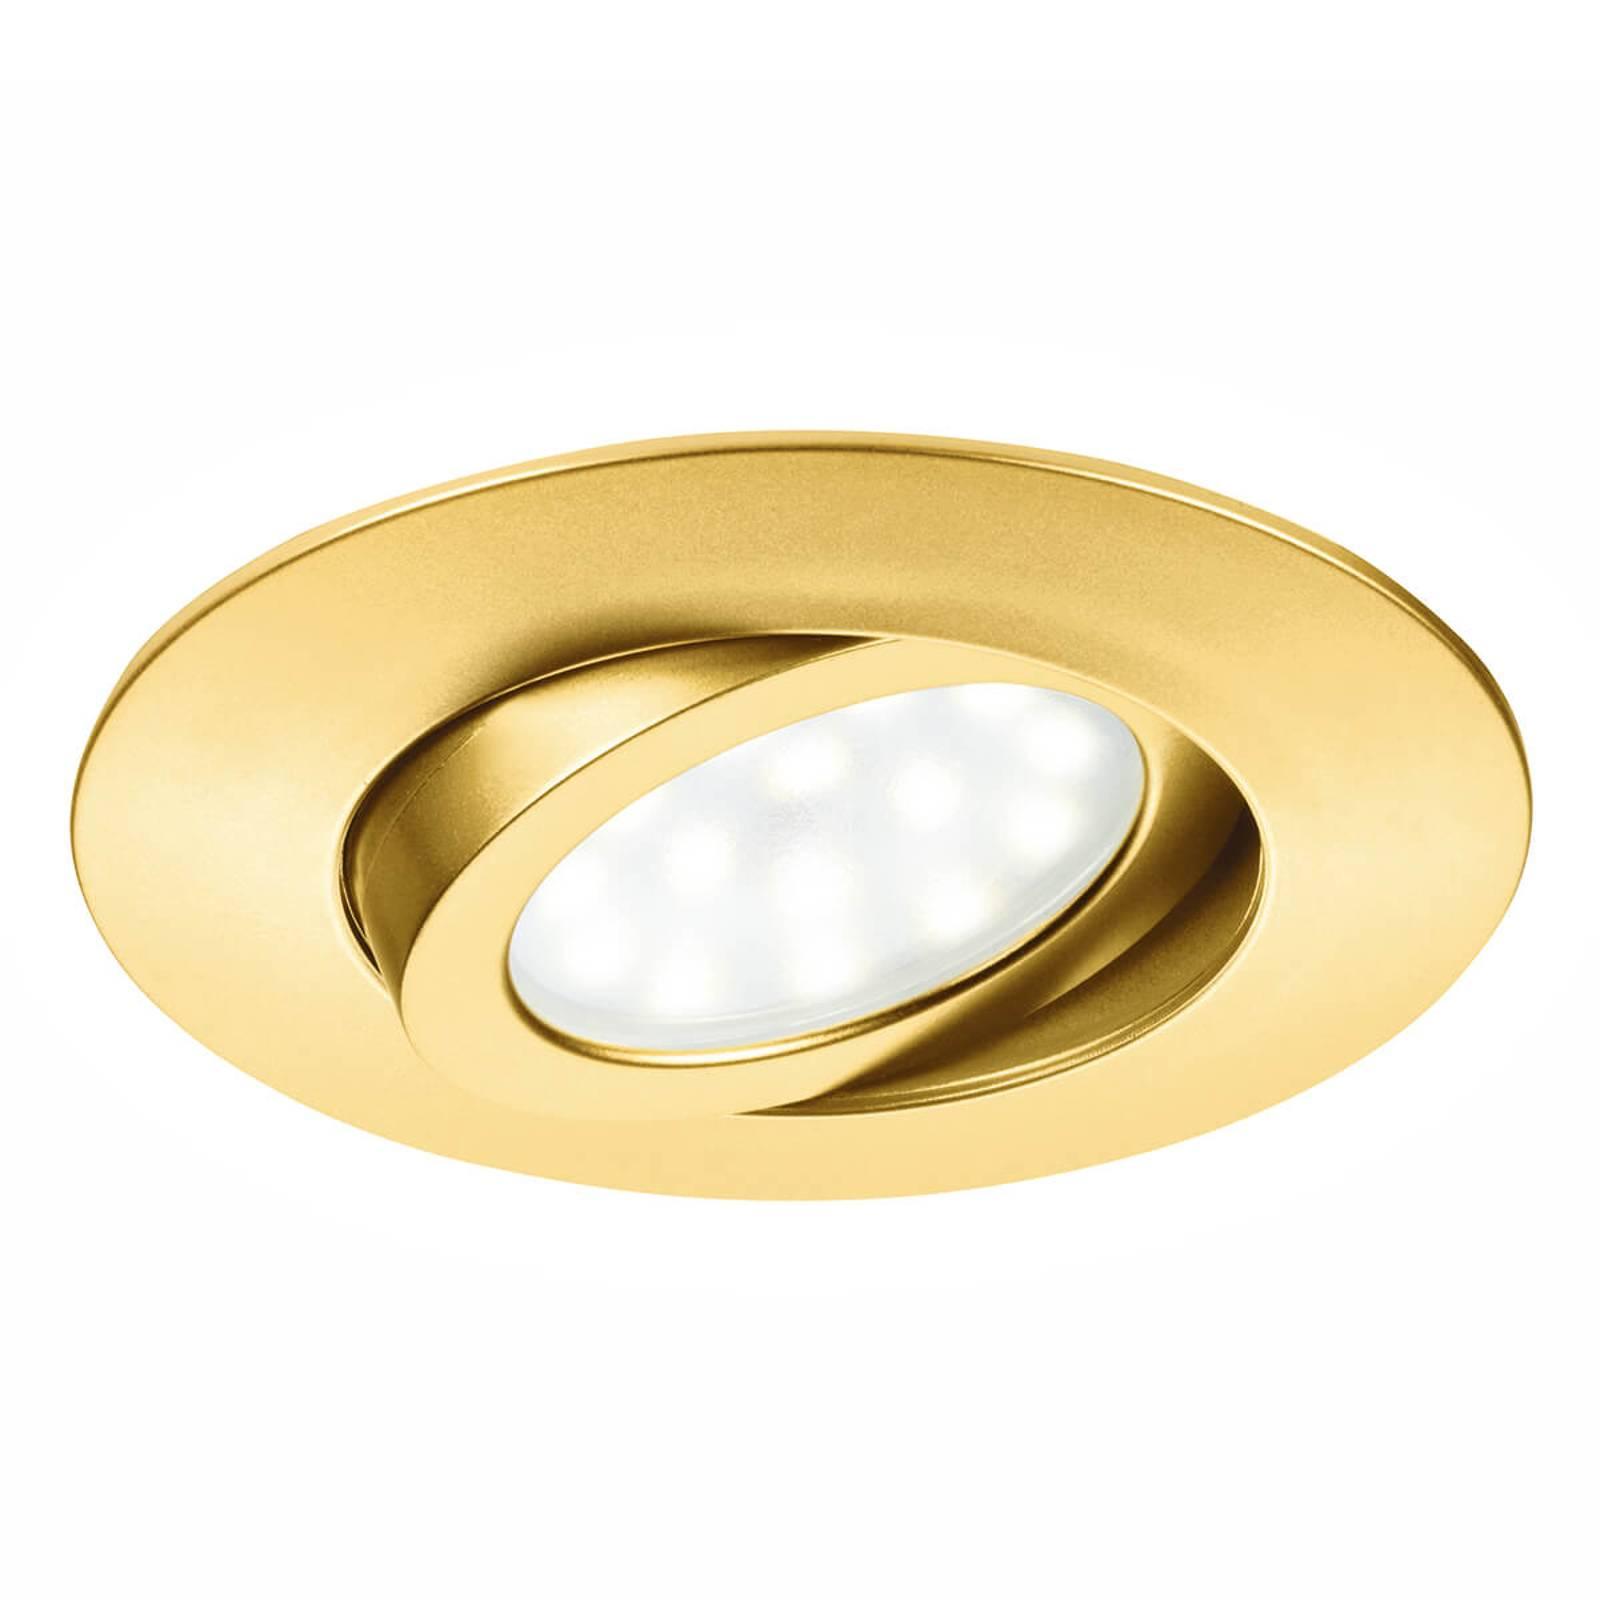 LED inbouwspot Zenit met IP44, goud